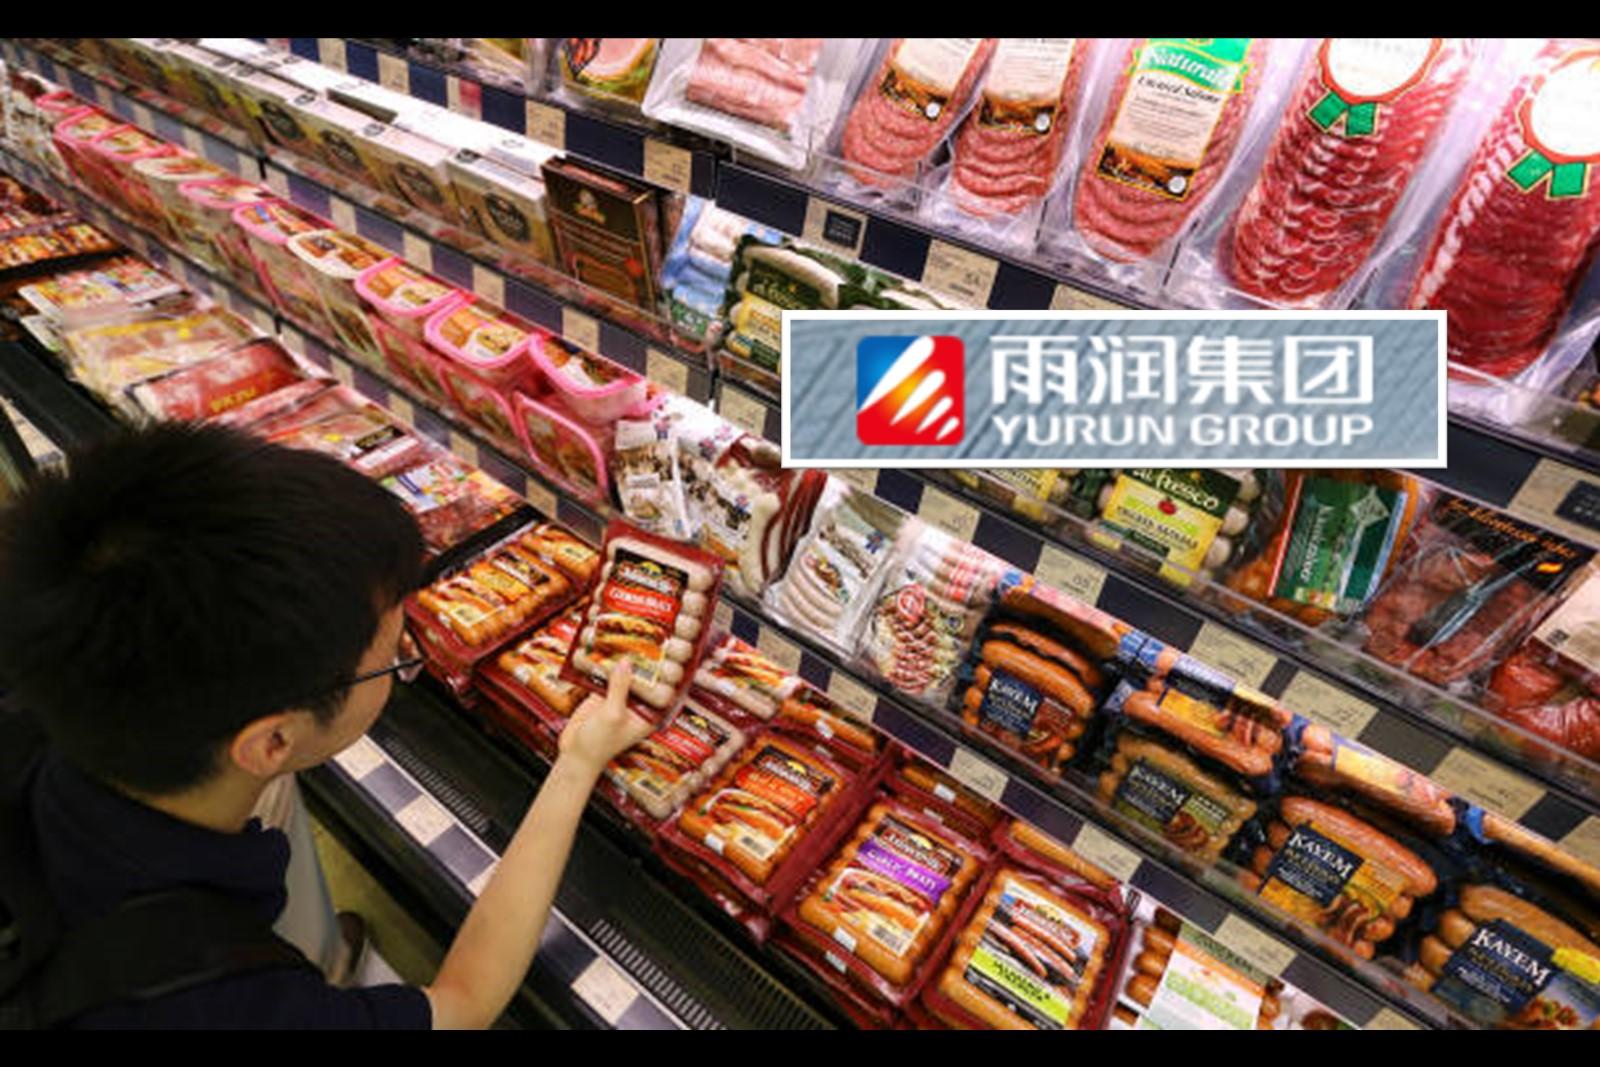 20世紀90年代,年僅28歲的祝義財發現低溫肉製品是沒有競爭的藍海市場,從銀行獲得280萬貸款建成十條自動化肉類加工生產線。雨潤火腿腸就此誕生,隨後開始向「豬肉王」進軍。(網頁擷圖、Sam Tsang/South China Morning Post via Getty Images/大紀元製圖)